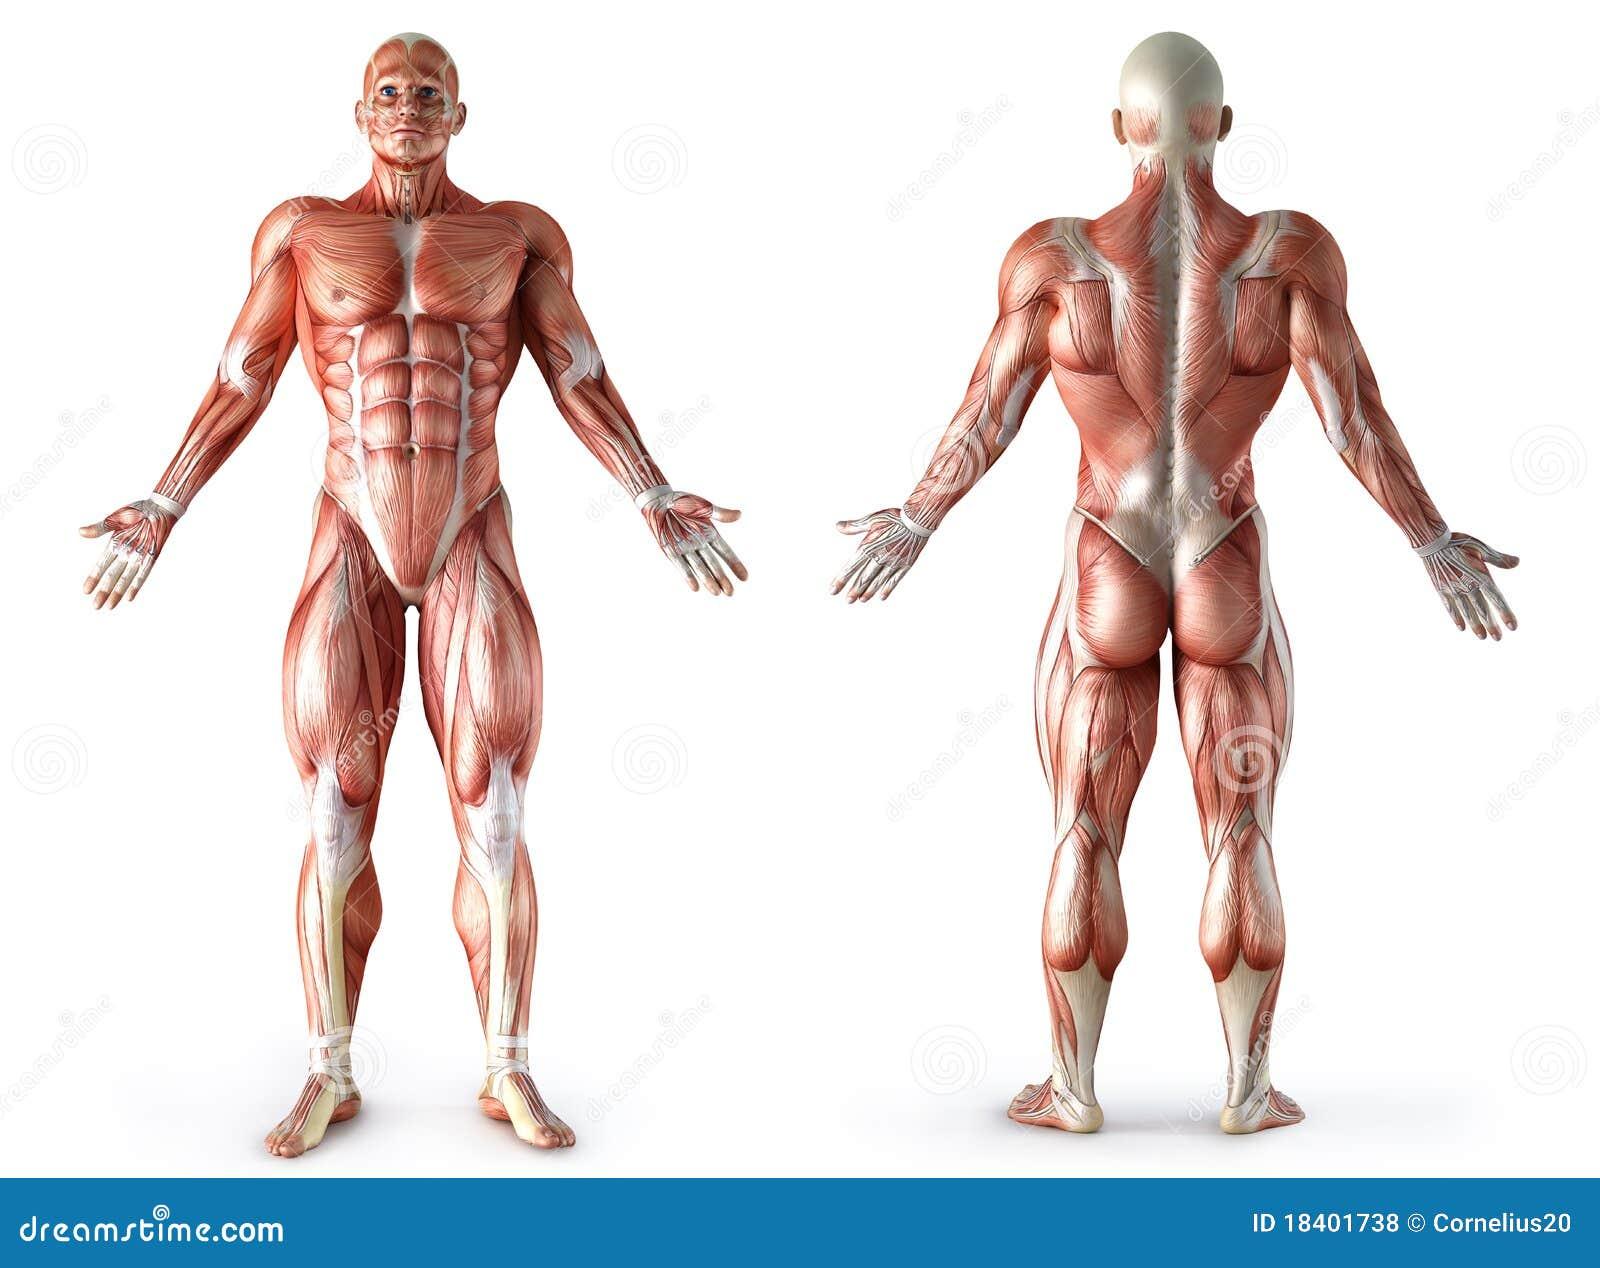 Atractivo Anatomía Composición - Imágenes de Anatomía Humana ...